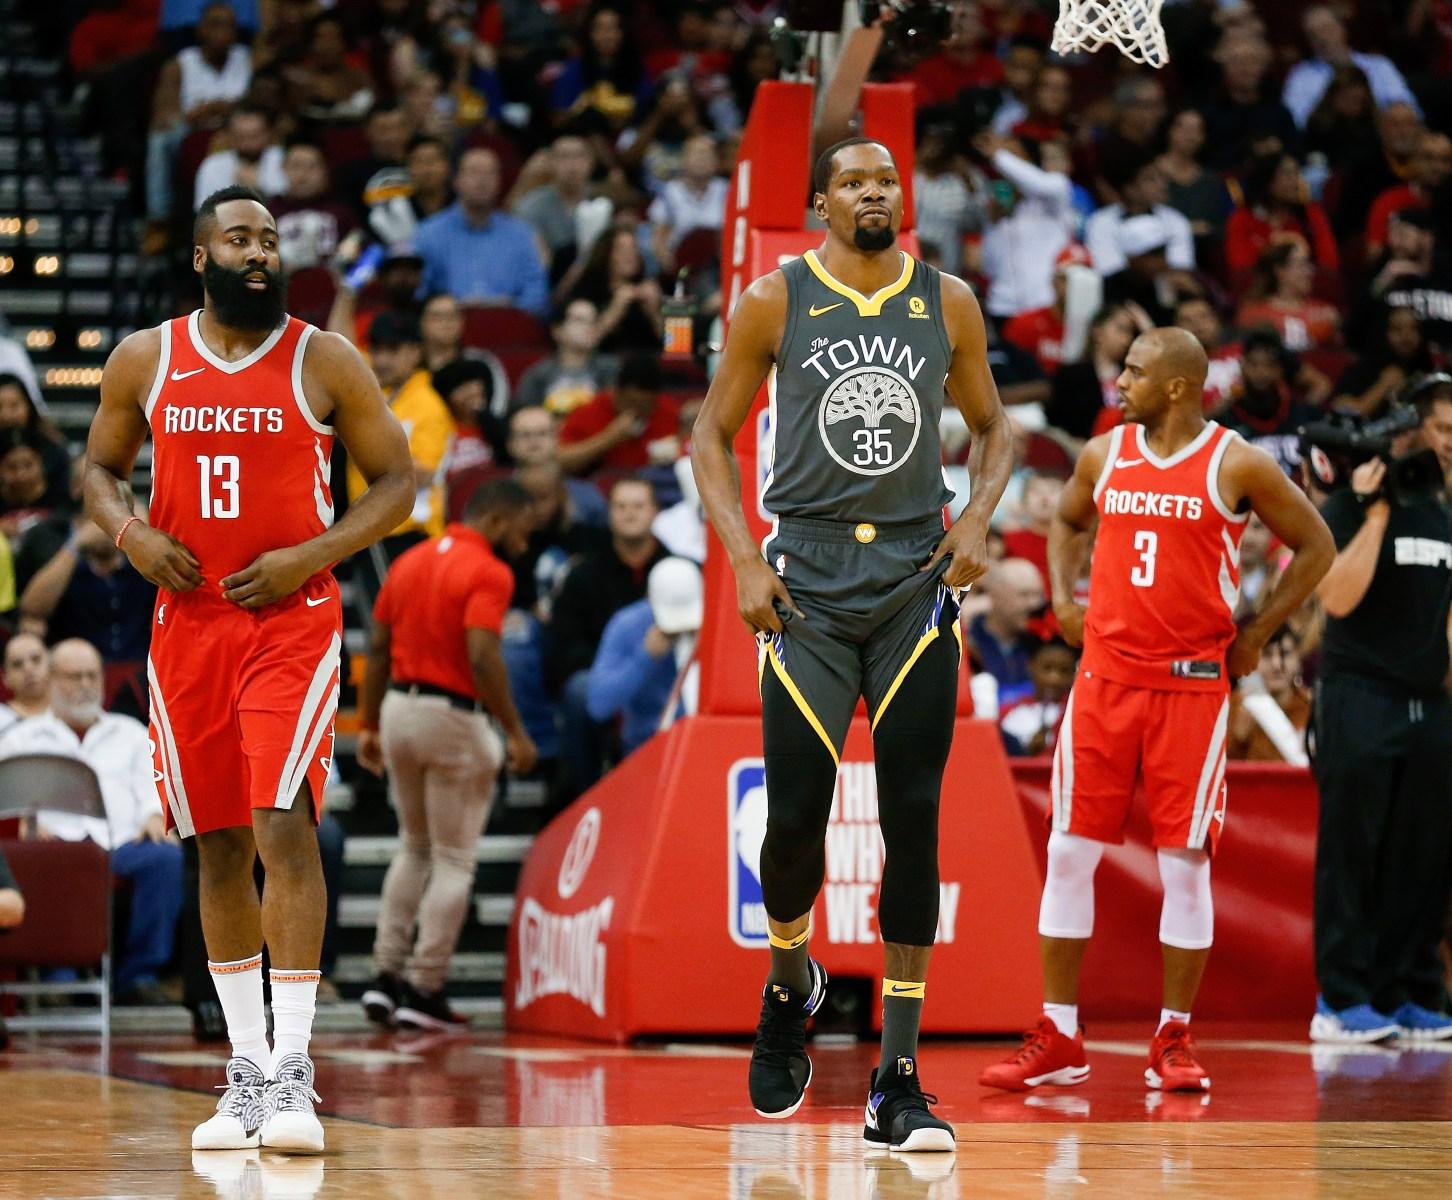 44318359d99 NBA Playoffs  Possible Rockets Warriors Matchup Looms Large - InsideHook